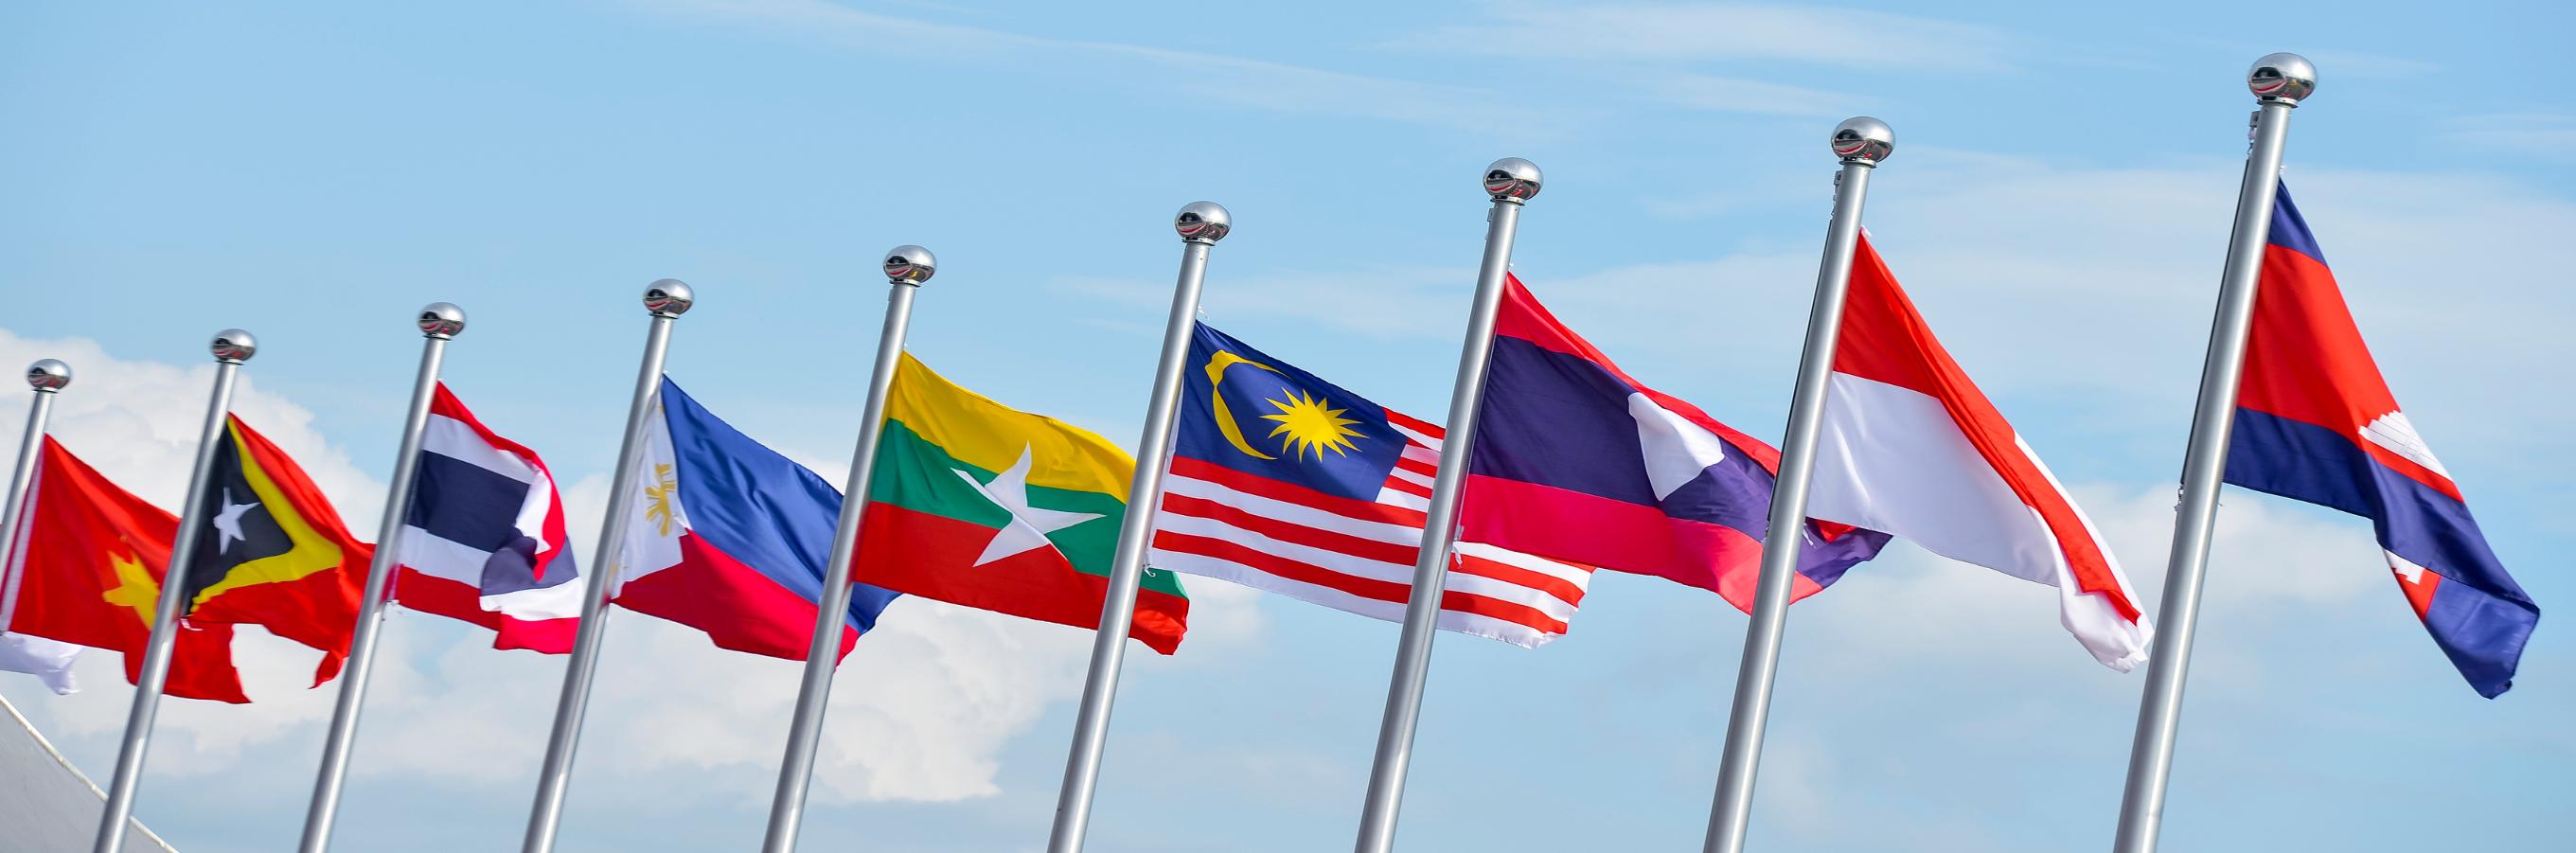 flags-resized.jpg